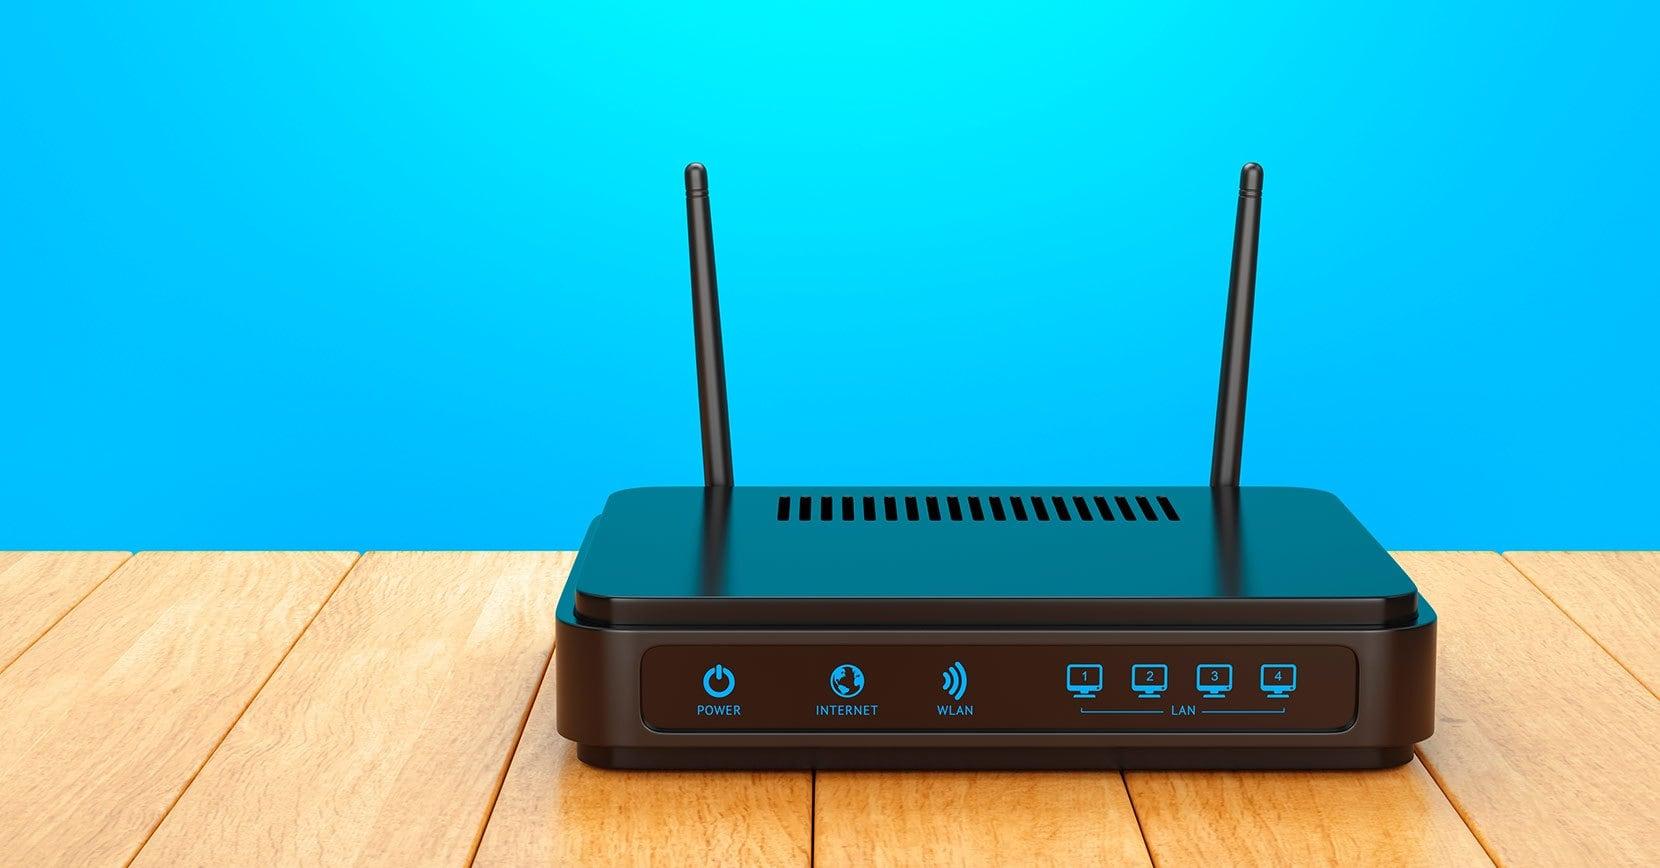 Quase 80% das casas em Portugal têm internet